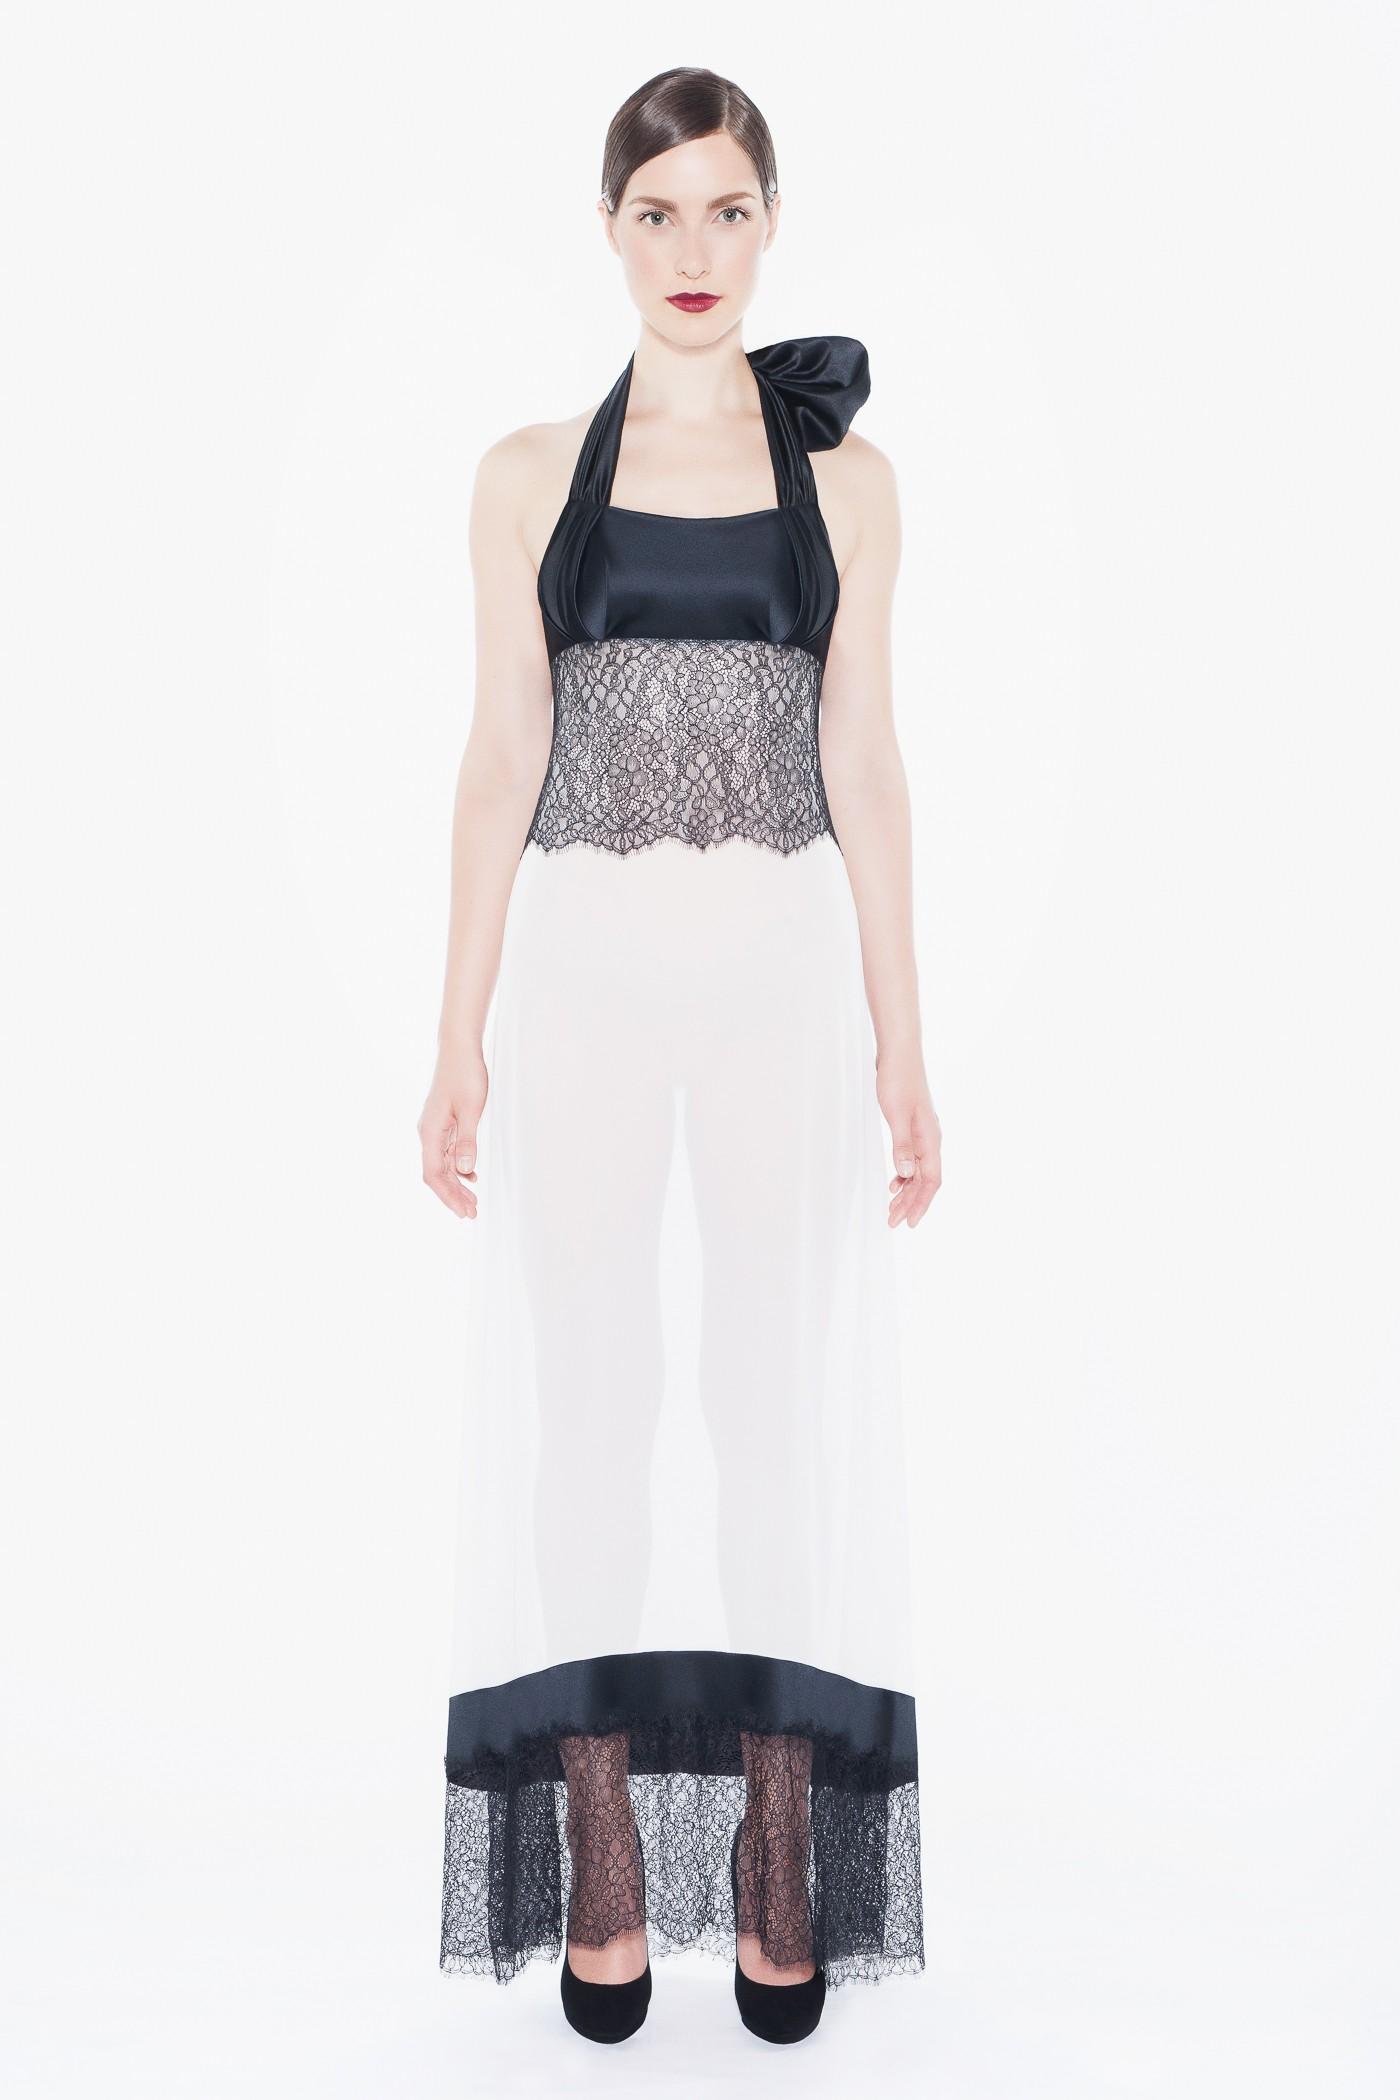 Будуарное платье, цена €129 вместо €430 (около 9590 руб. вместо 31970 руб.)